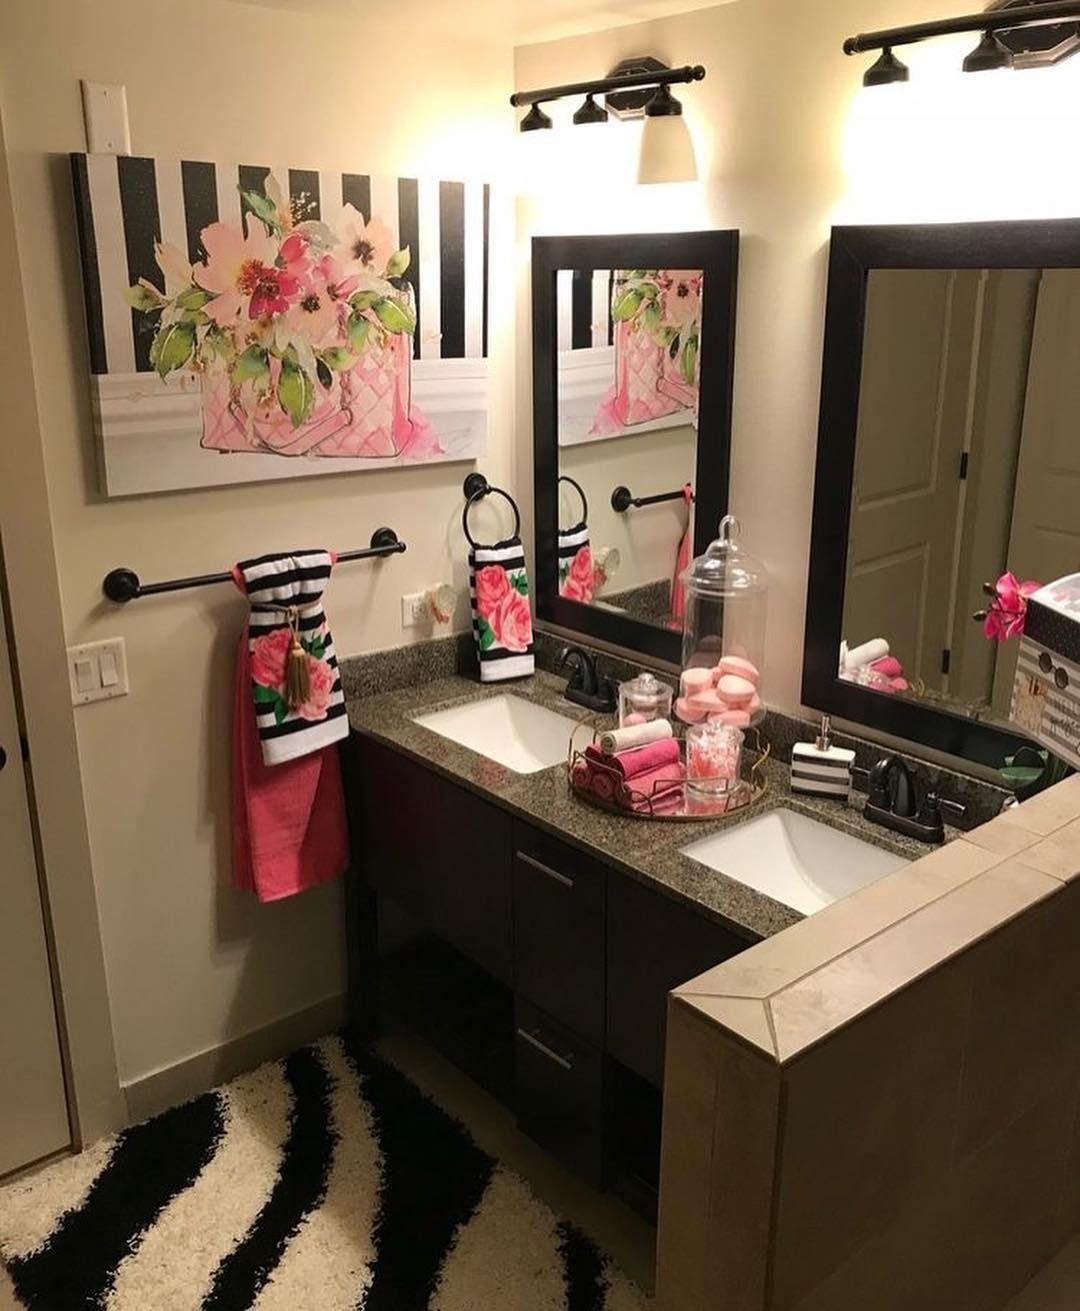 Pinterest Girly Girl Add Me For More Bathroom Decor